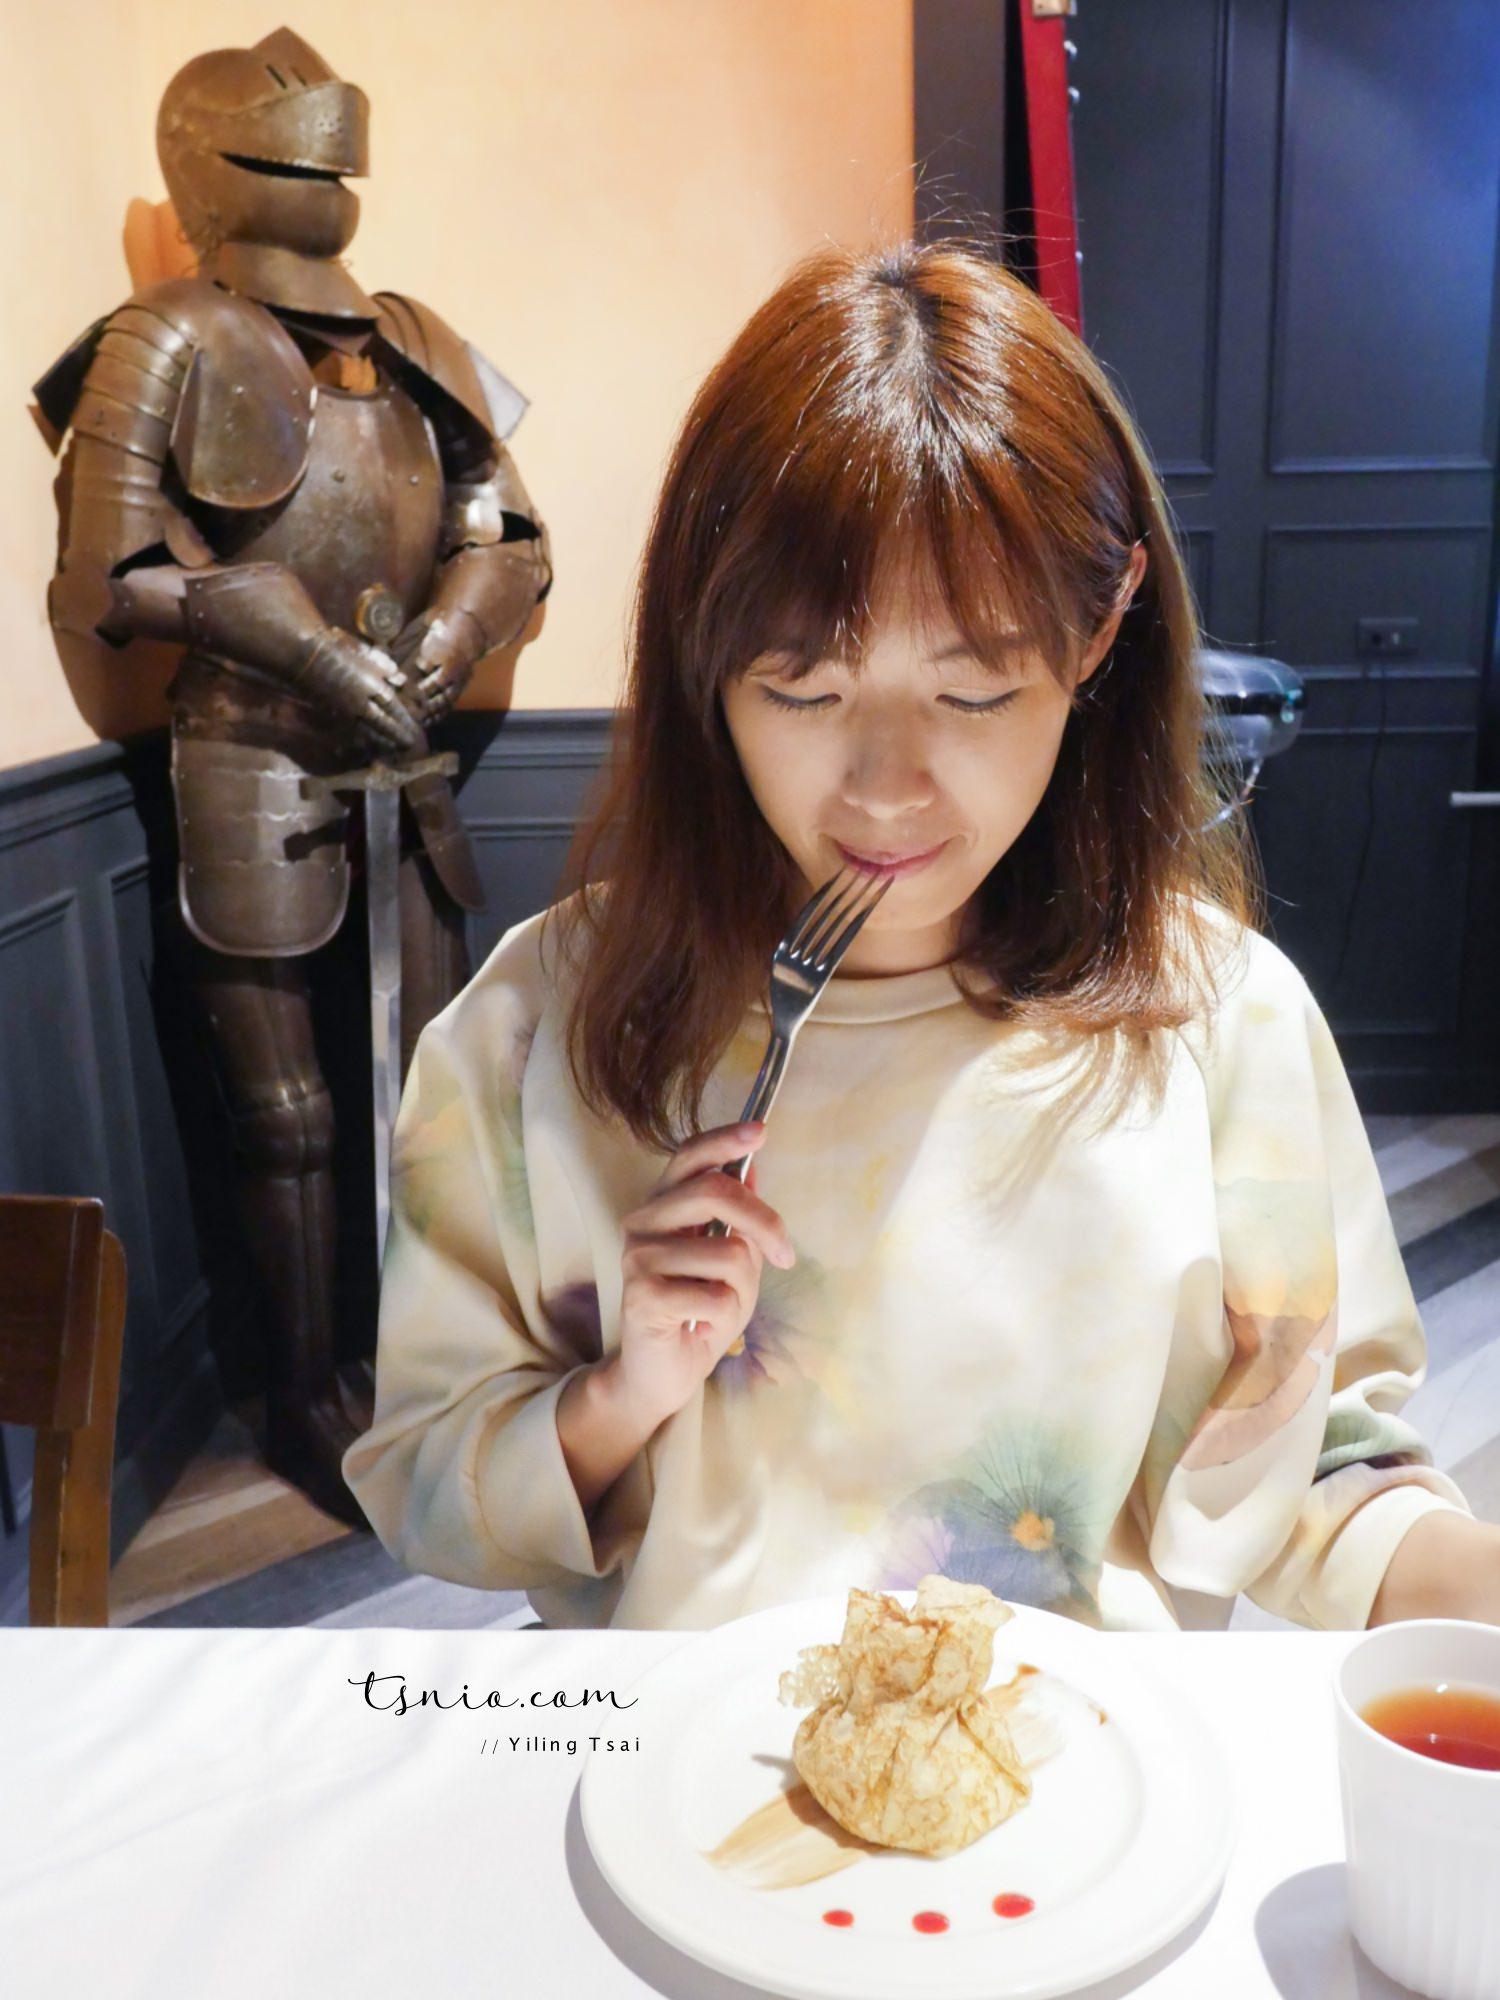 台北松江南京站美食 Bagel Bagel Cafe Bar 歐洲酒窖風格餐酒館